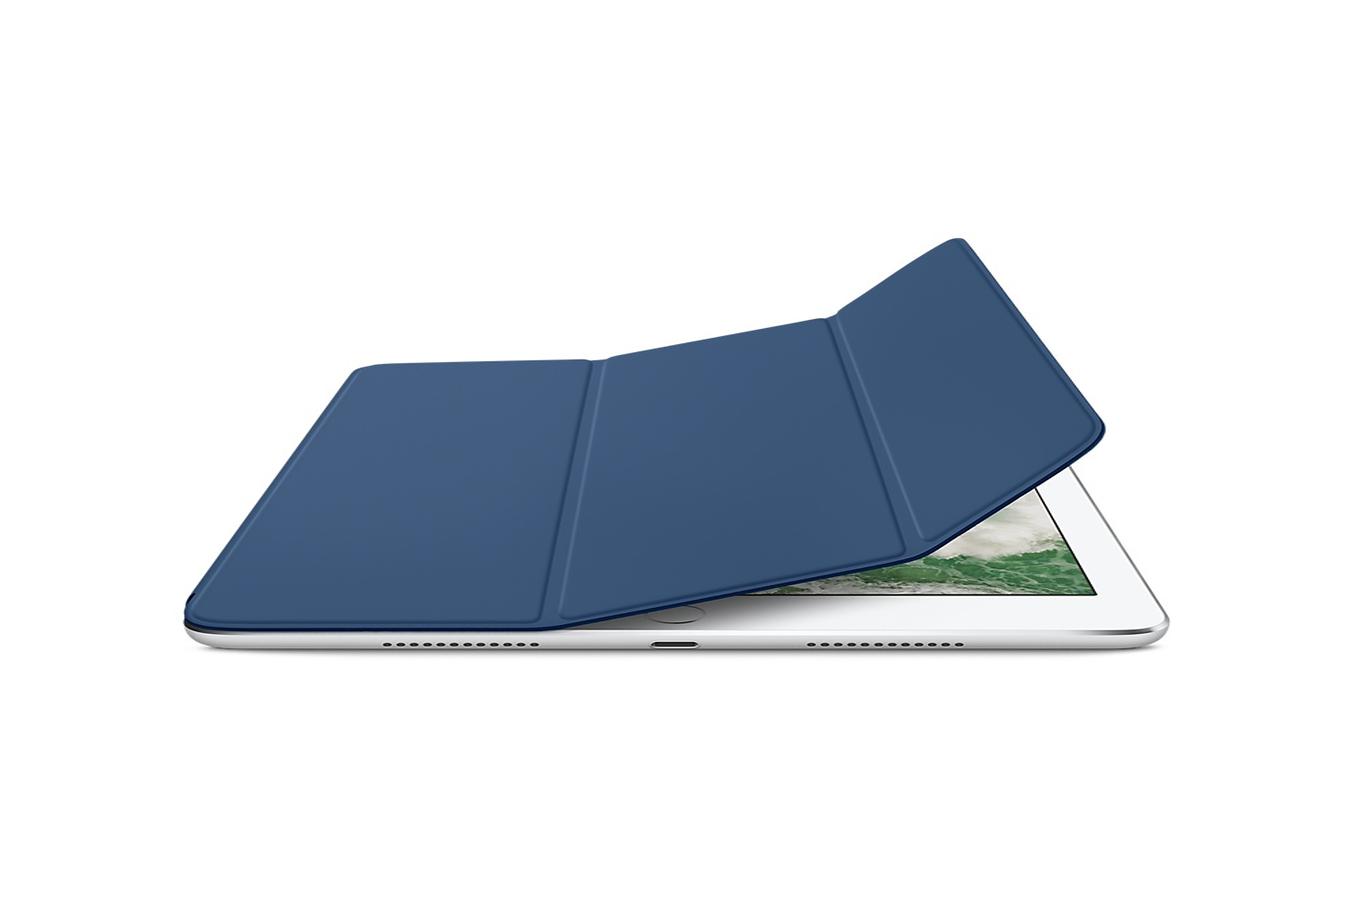 housse et tui pour tablette apple smart cover bleu. Black Bedroom Furniture Sets. Home Design Ideas